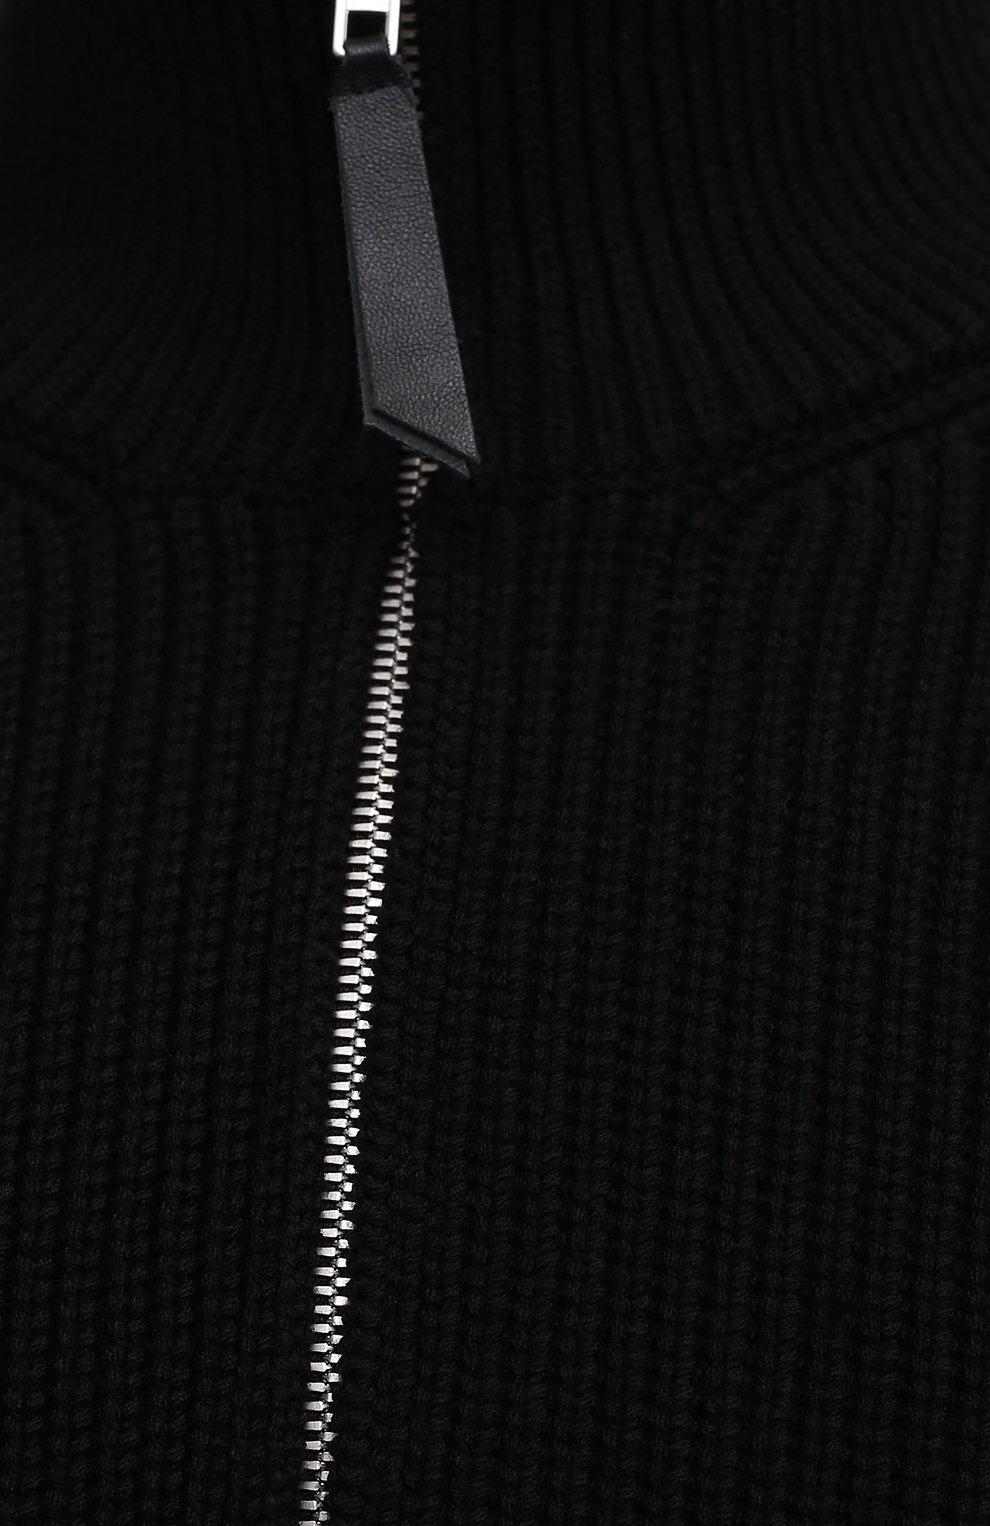 Мужской кардиган из хлопка и шерсти MAISON MARGIELA черного цвета, арт. S50GP0246/S17791 | Фото 5 (Мужское Кросс-КТ: Кардиган-одежда; Материал внешний: Шерсть, Хлопок; Рукава: Длинные; Длина (для топов): Стандартные; Стили: Минимализм)